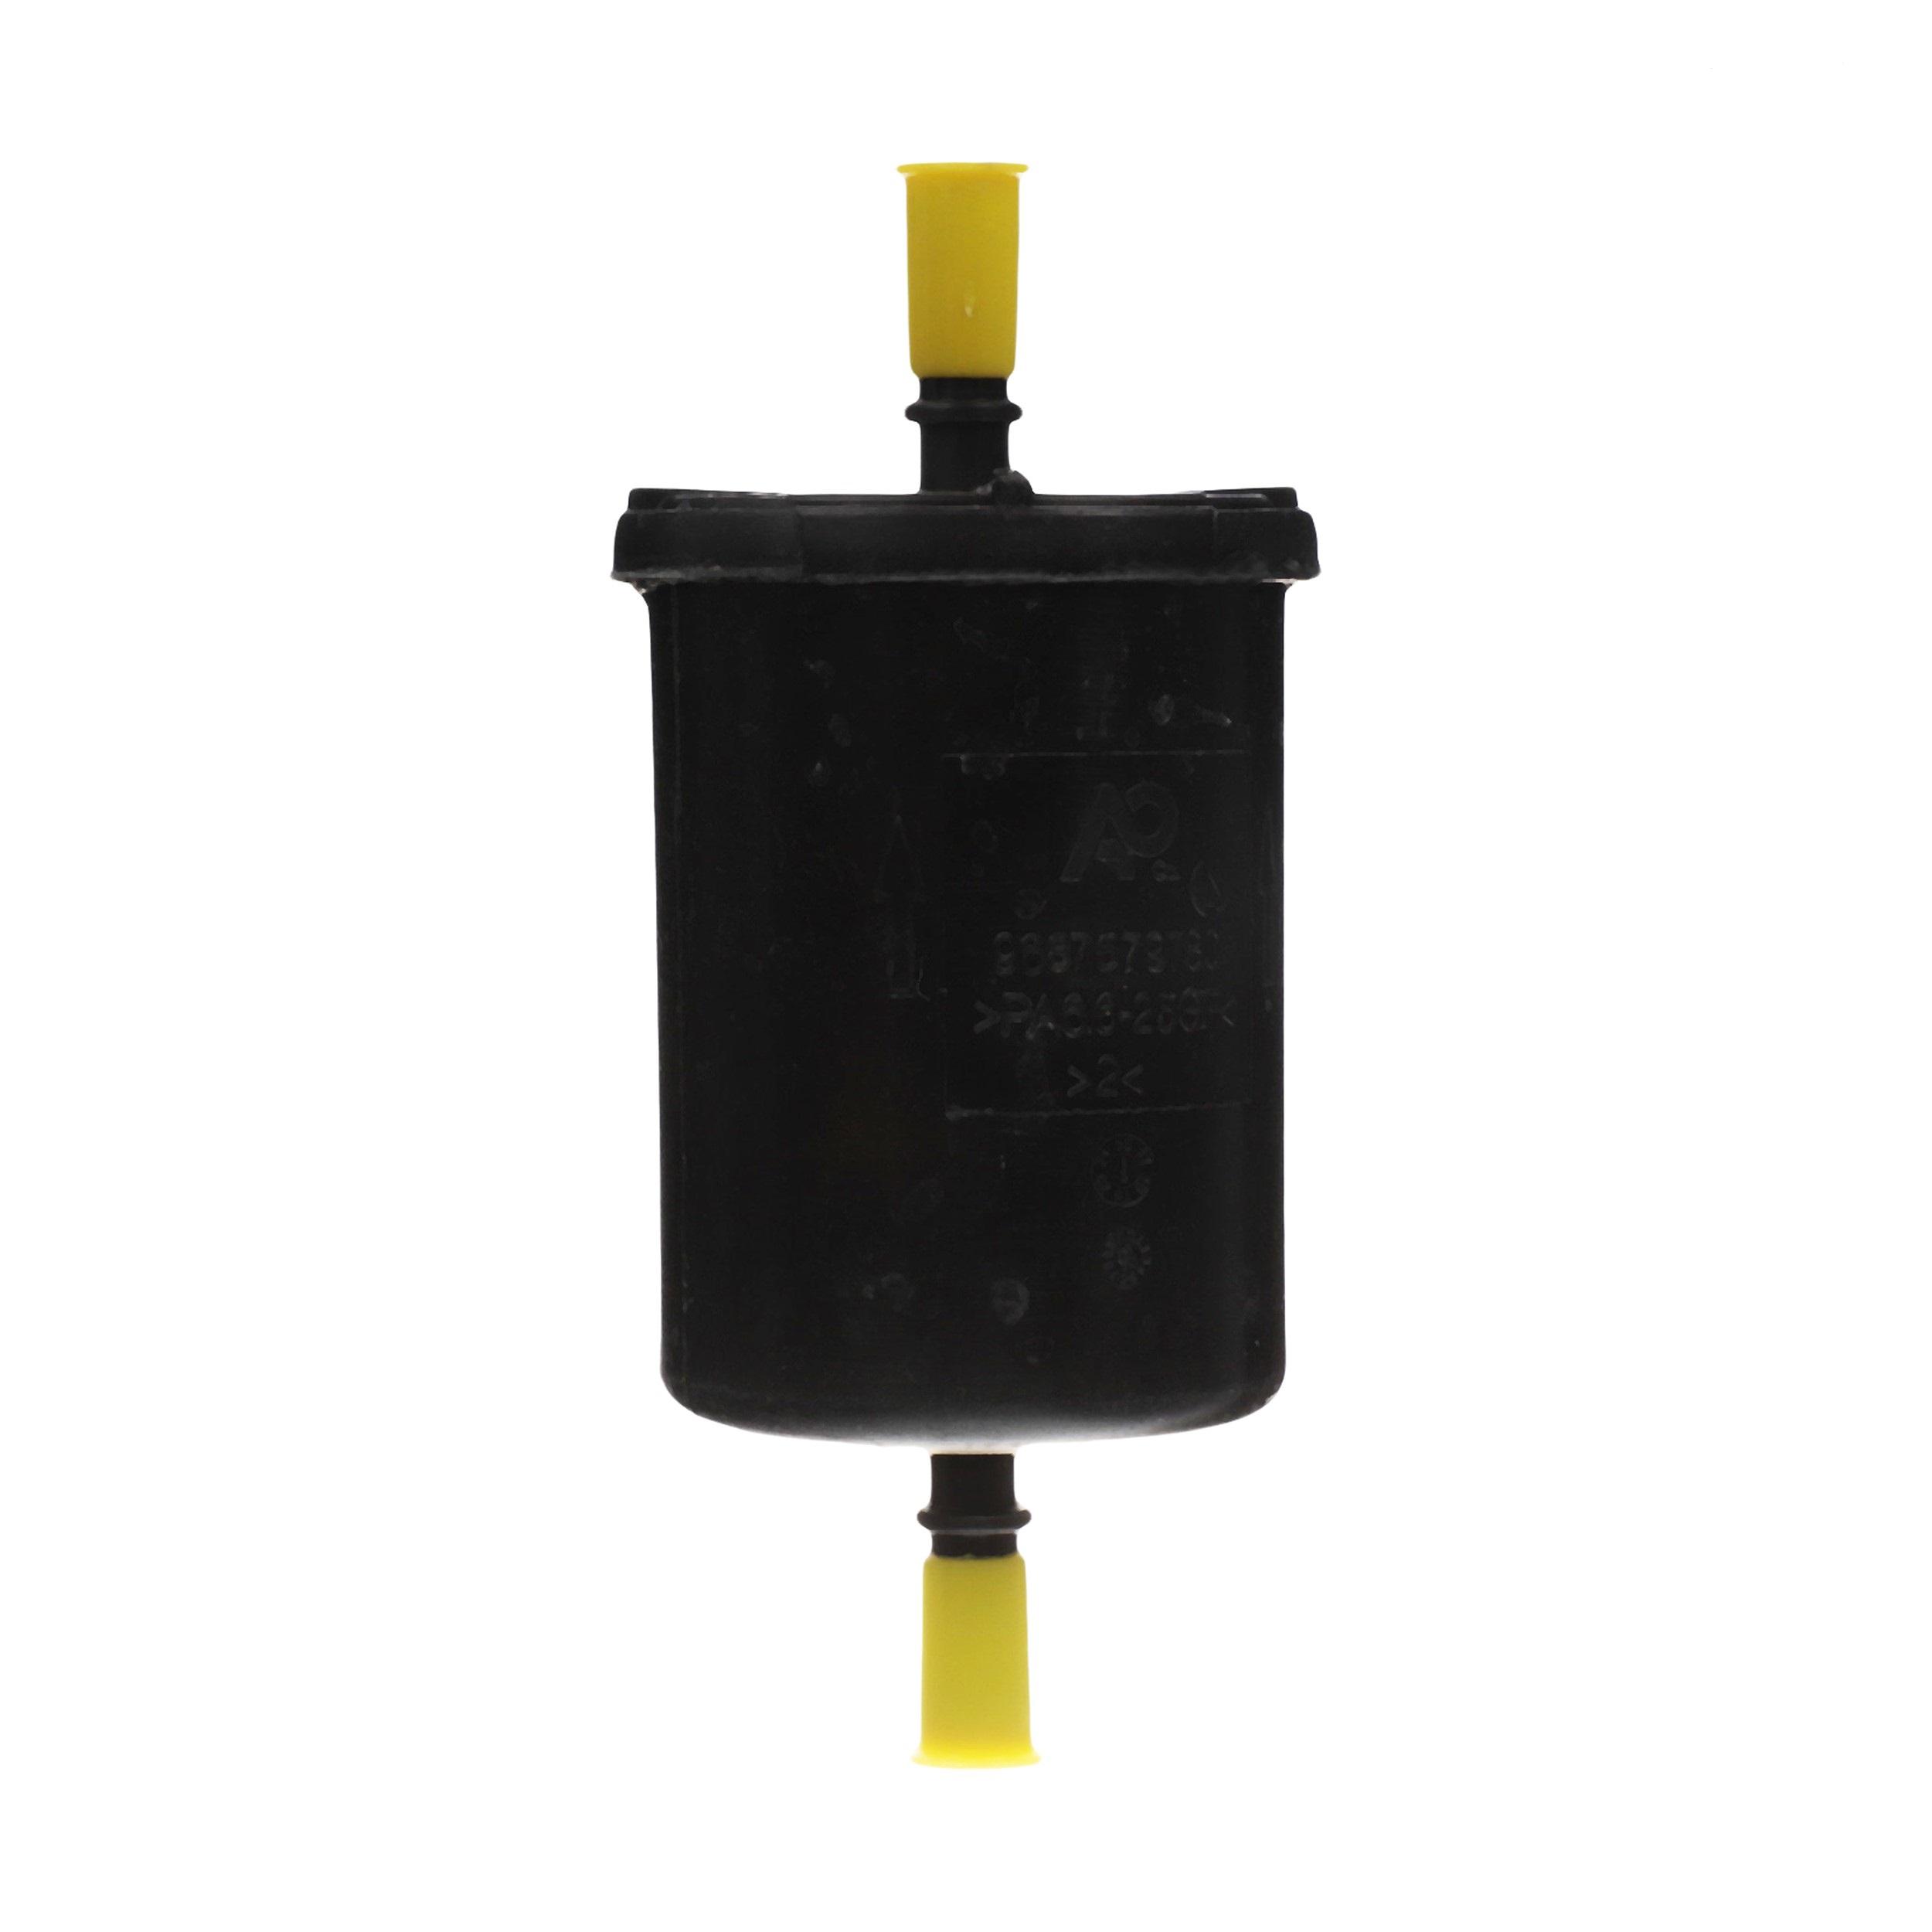 فیلتر بنزین خودرو مادپارت مدل 9780 main 1 4